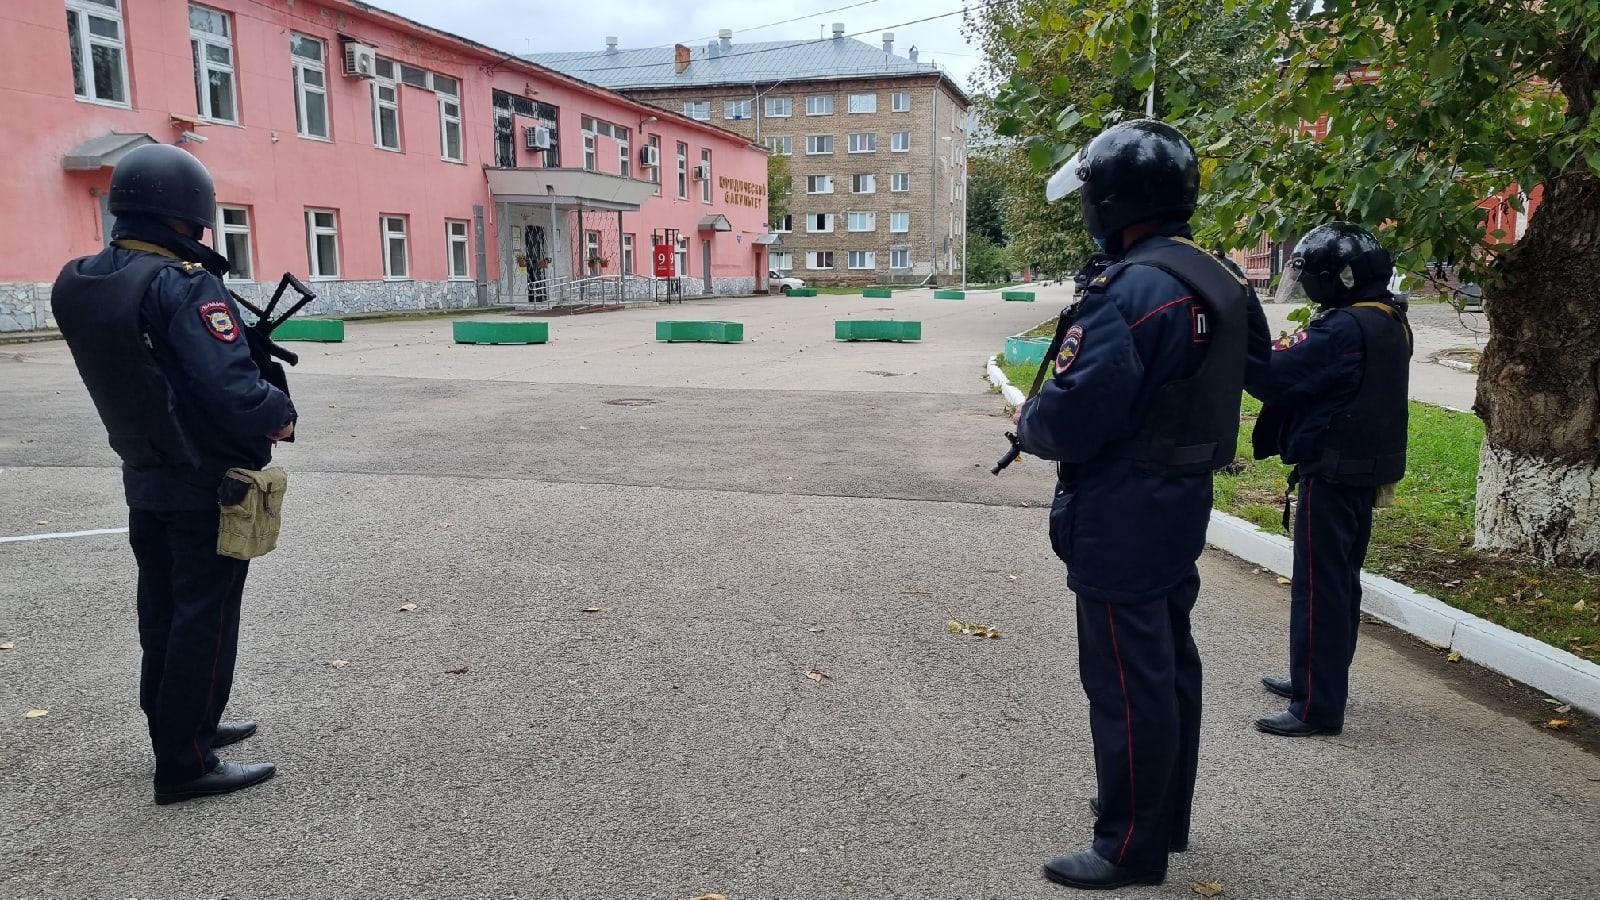 «Другой подход у преступника»: эксперт о едином стандарте безопасности